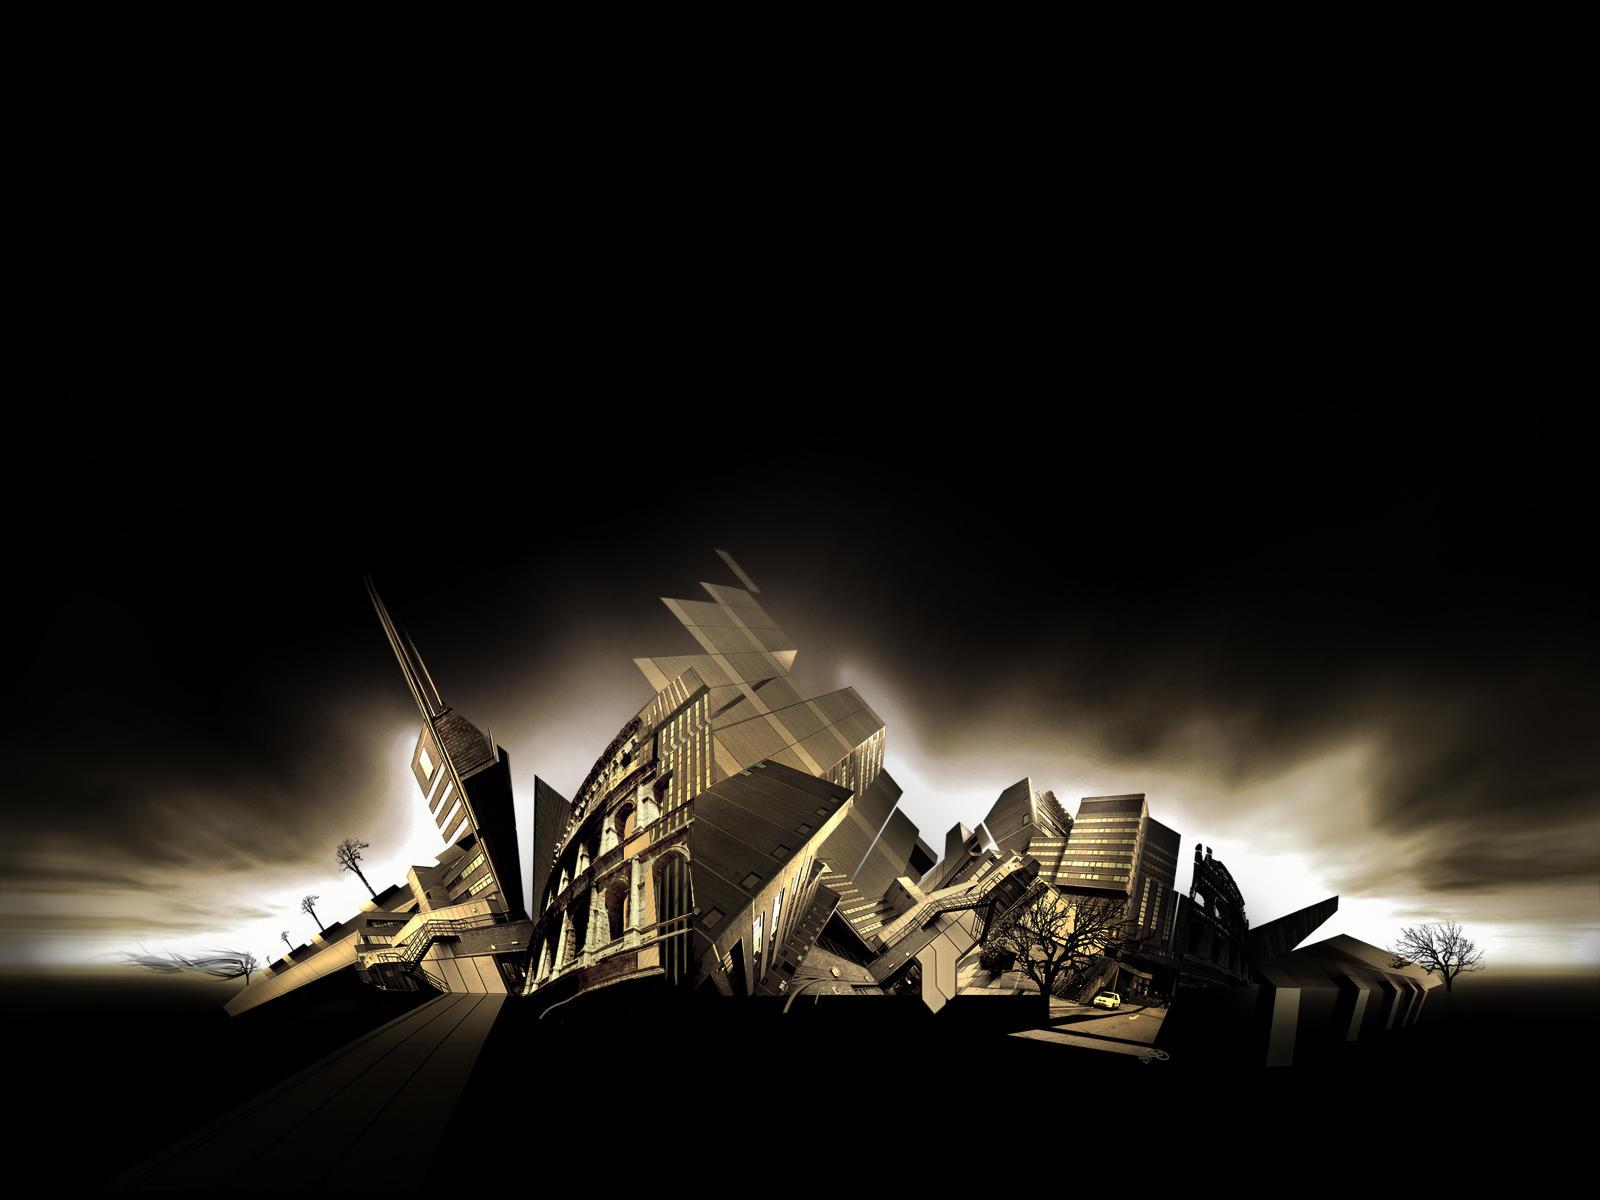 apocalypse by geipeg